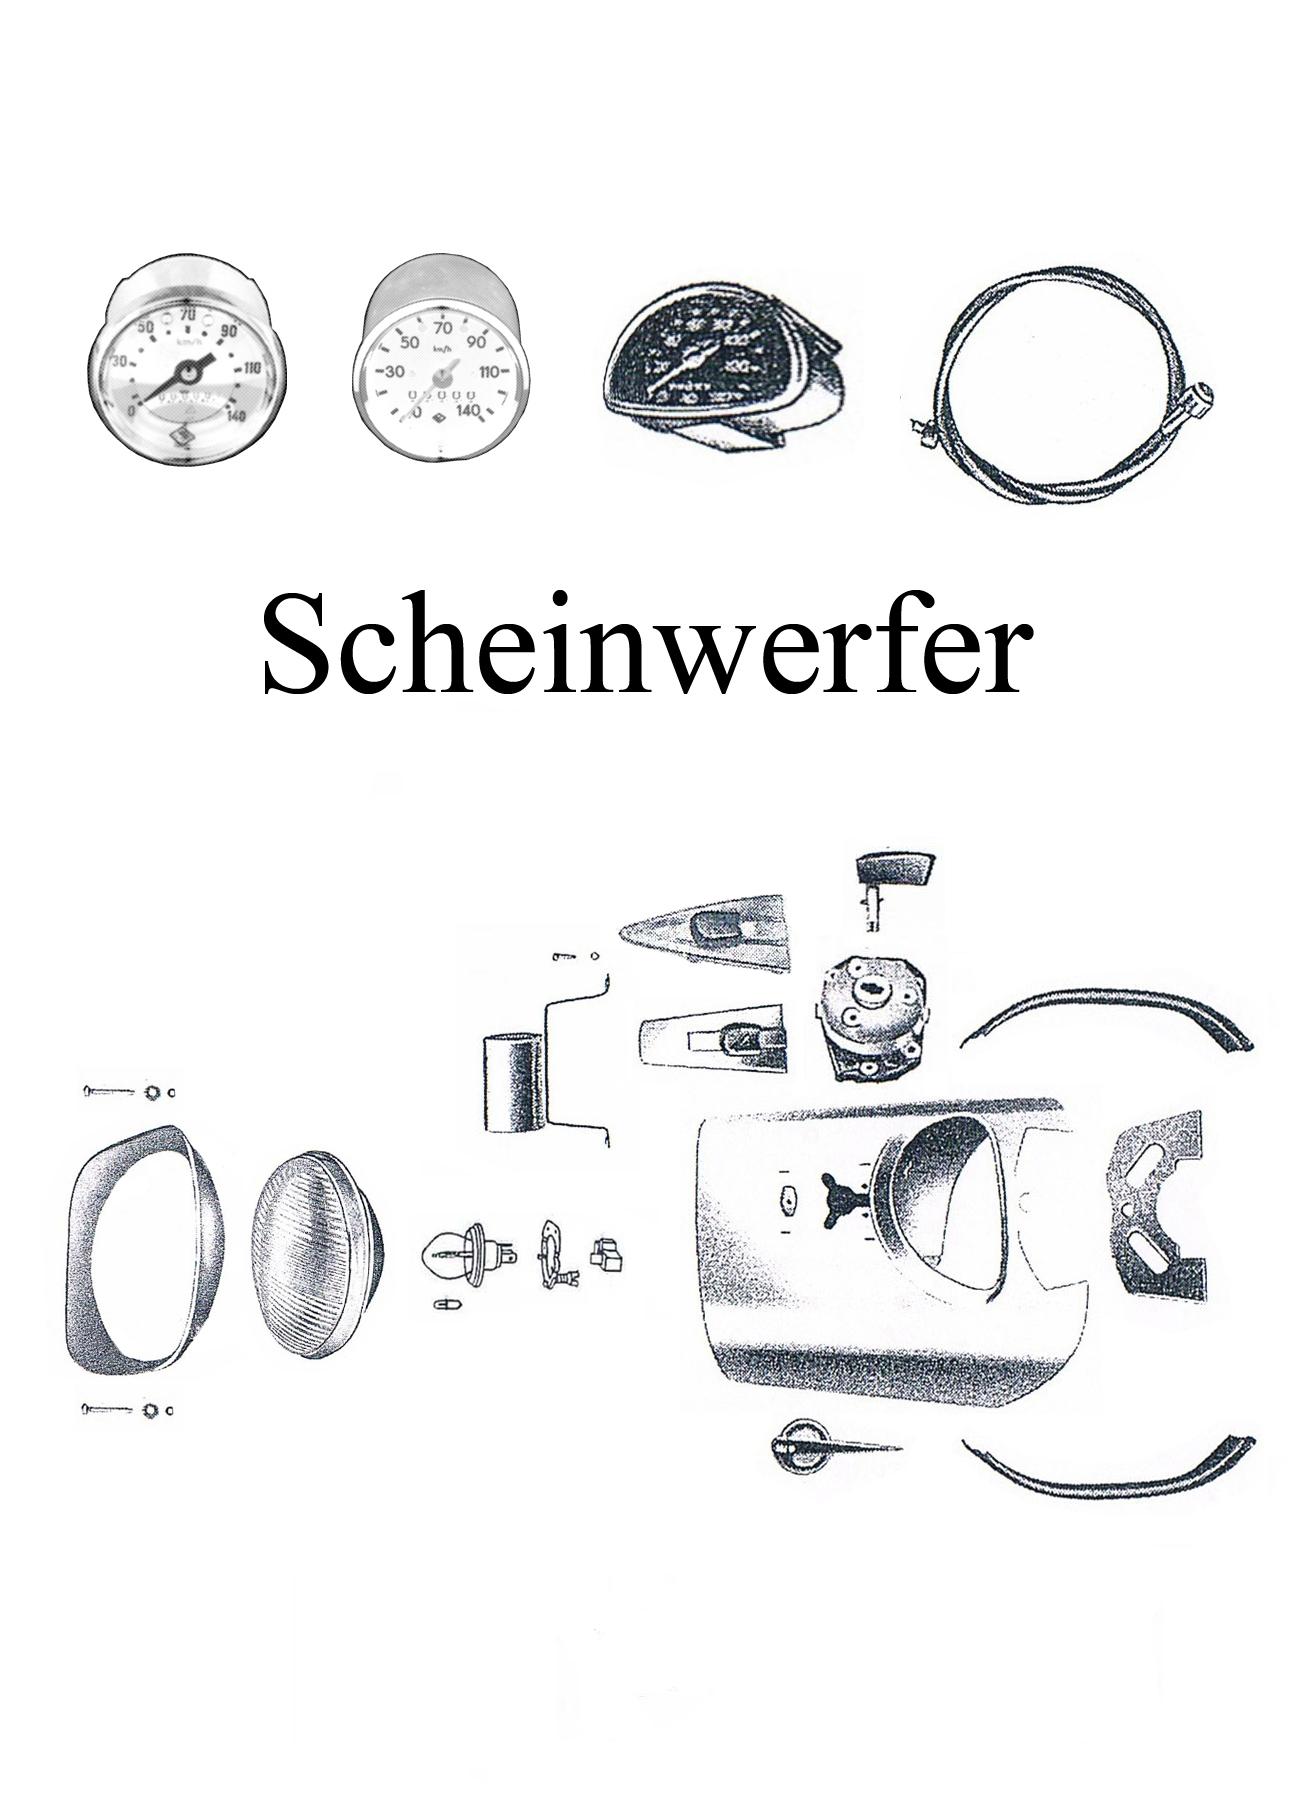 DDR-Motorrad MZ ES 125-150/0-1 Ersatzteileliste Scheinwerfer Tachometer Reflektor Streuscheibe Zündschloßabdeckung Lampen Birnen Embleme